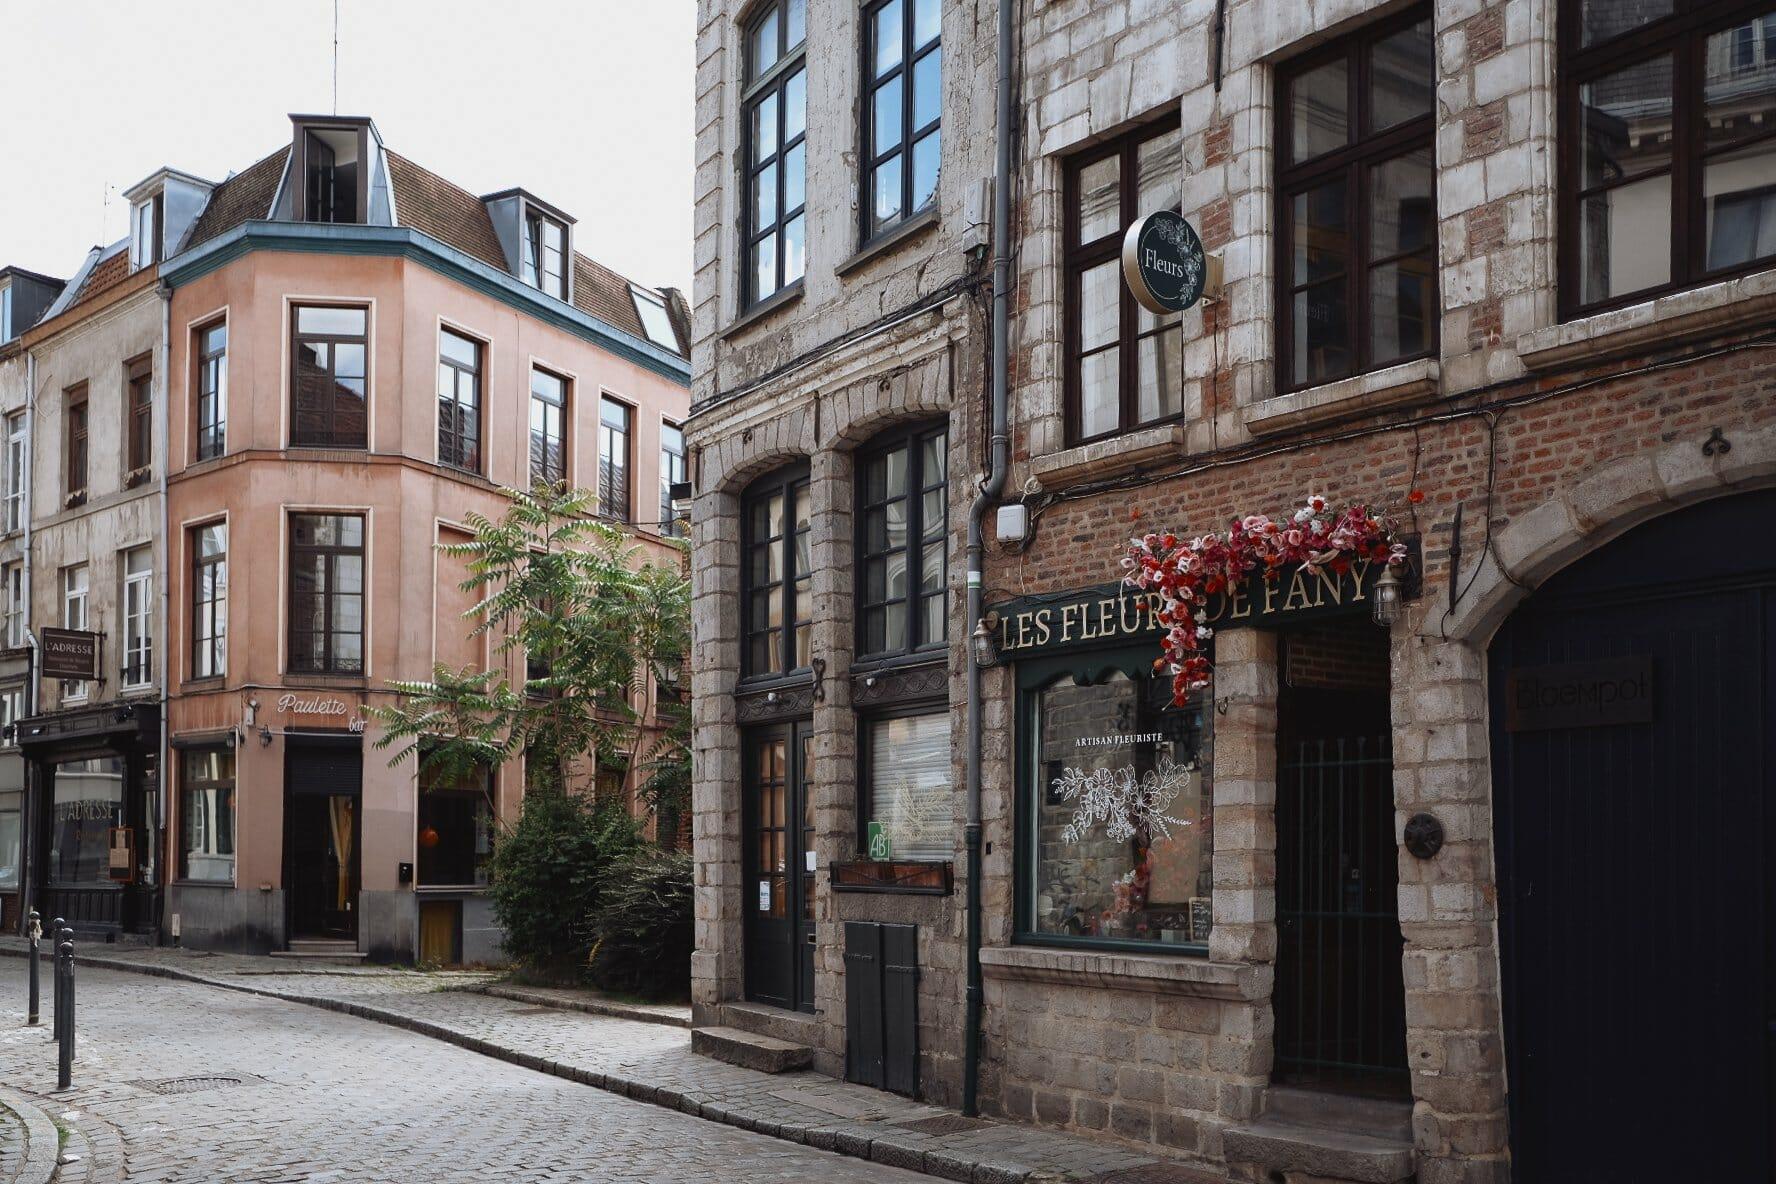 maisons dans la vieille ville de Lille